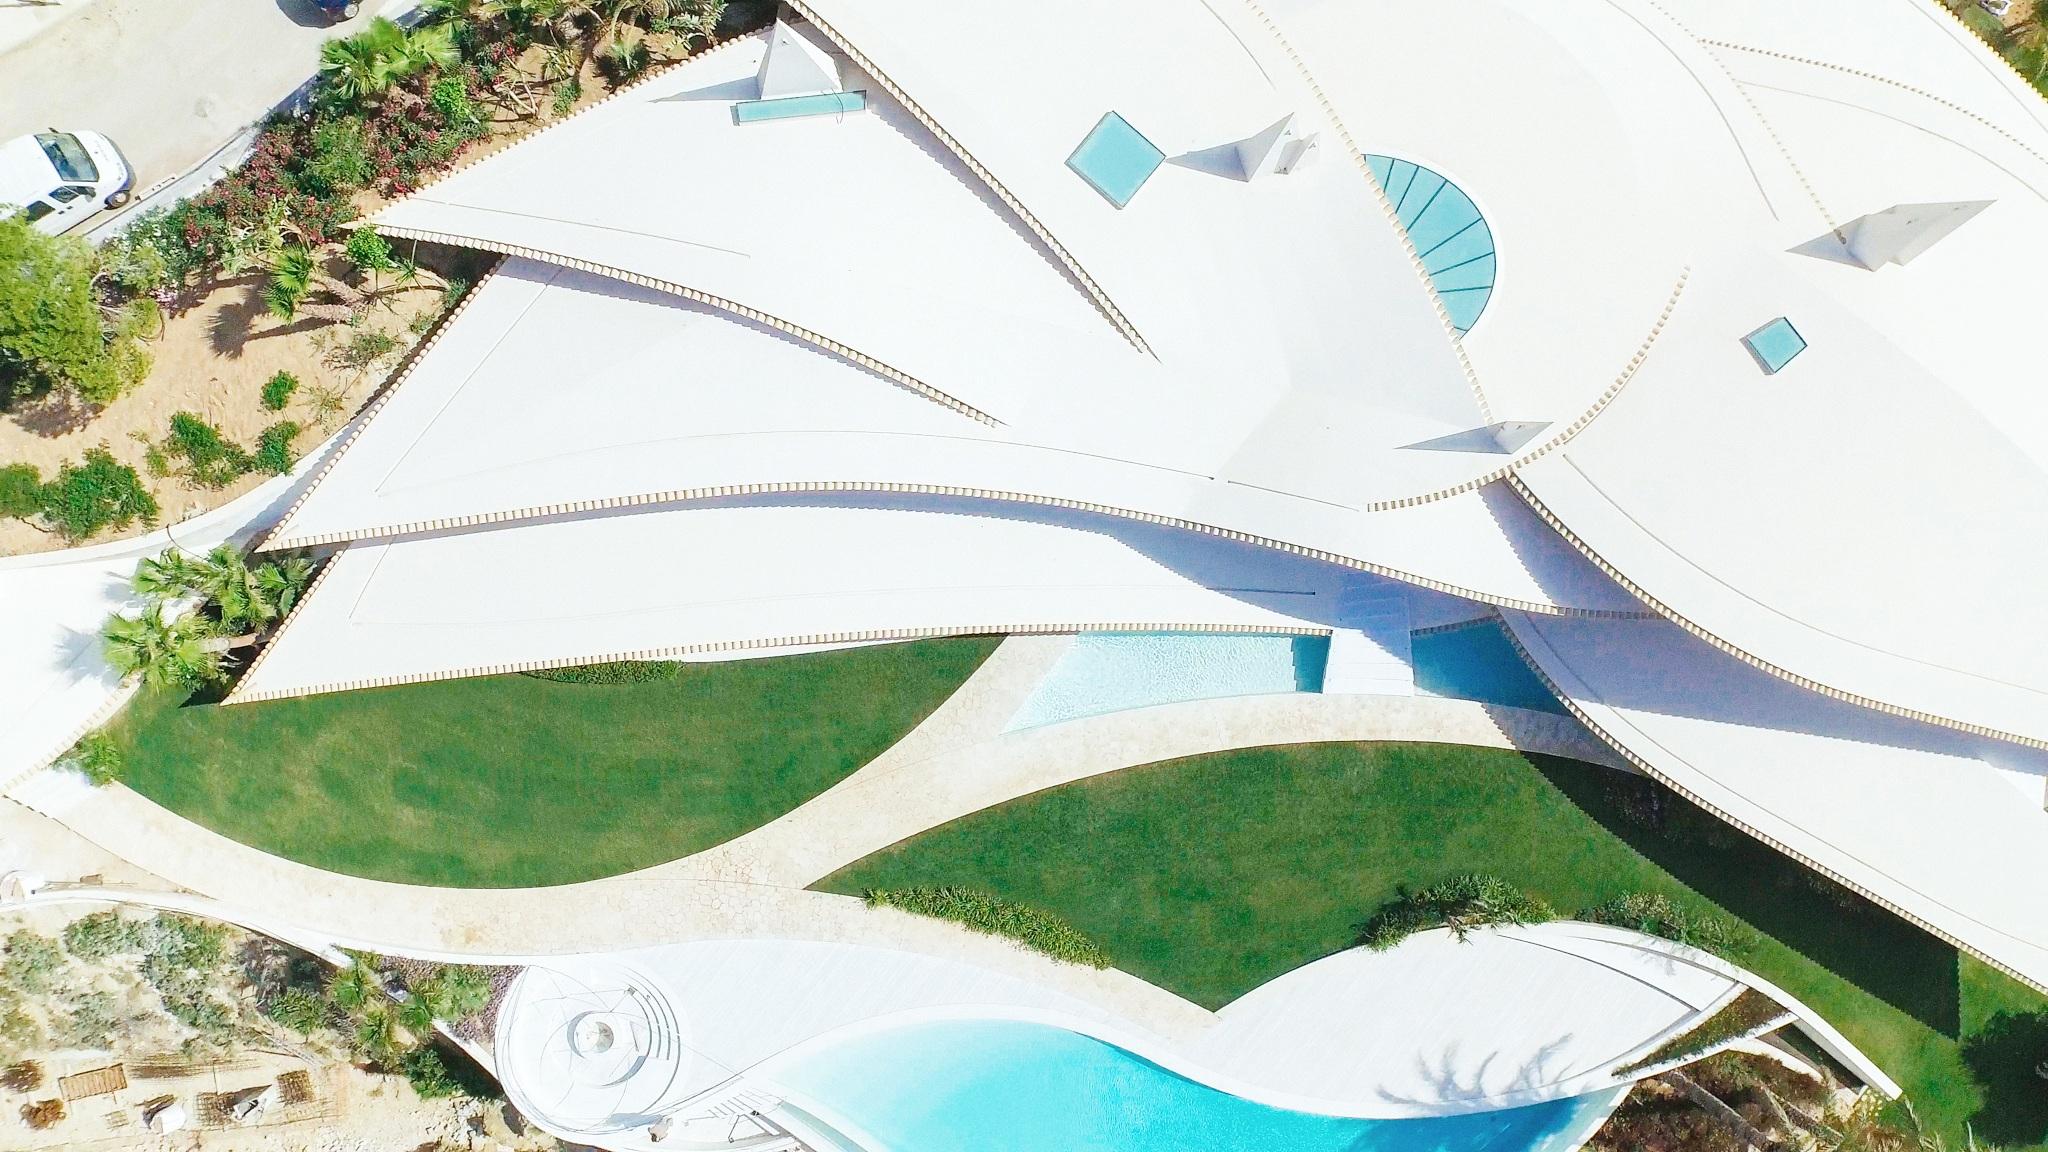 Biniorella+Aerial-17.jpg